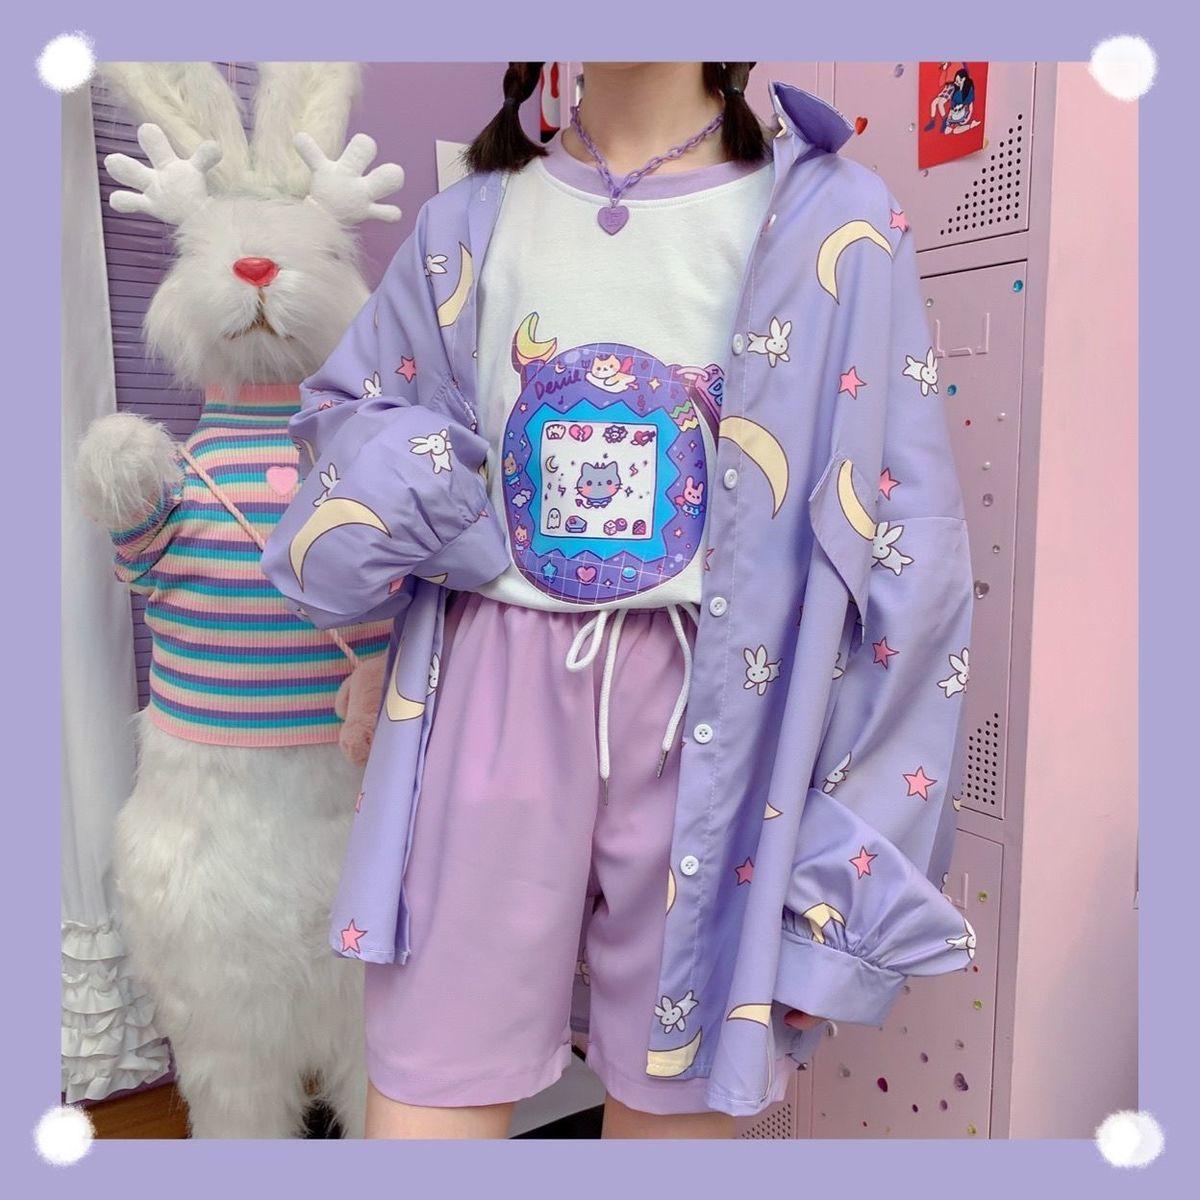 Harajuku Soft Girl Oversized T-shirt 47